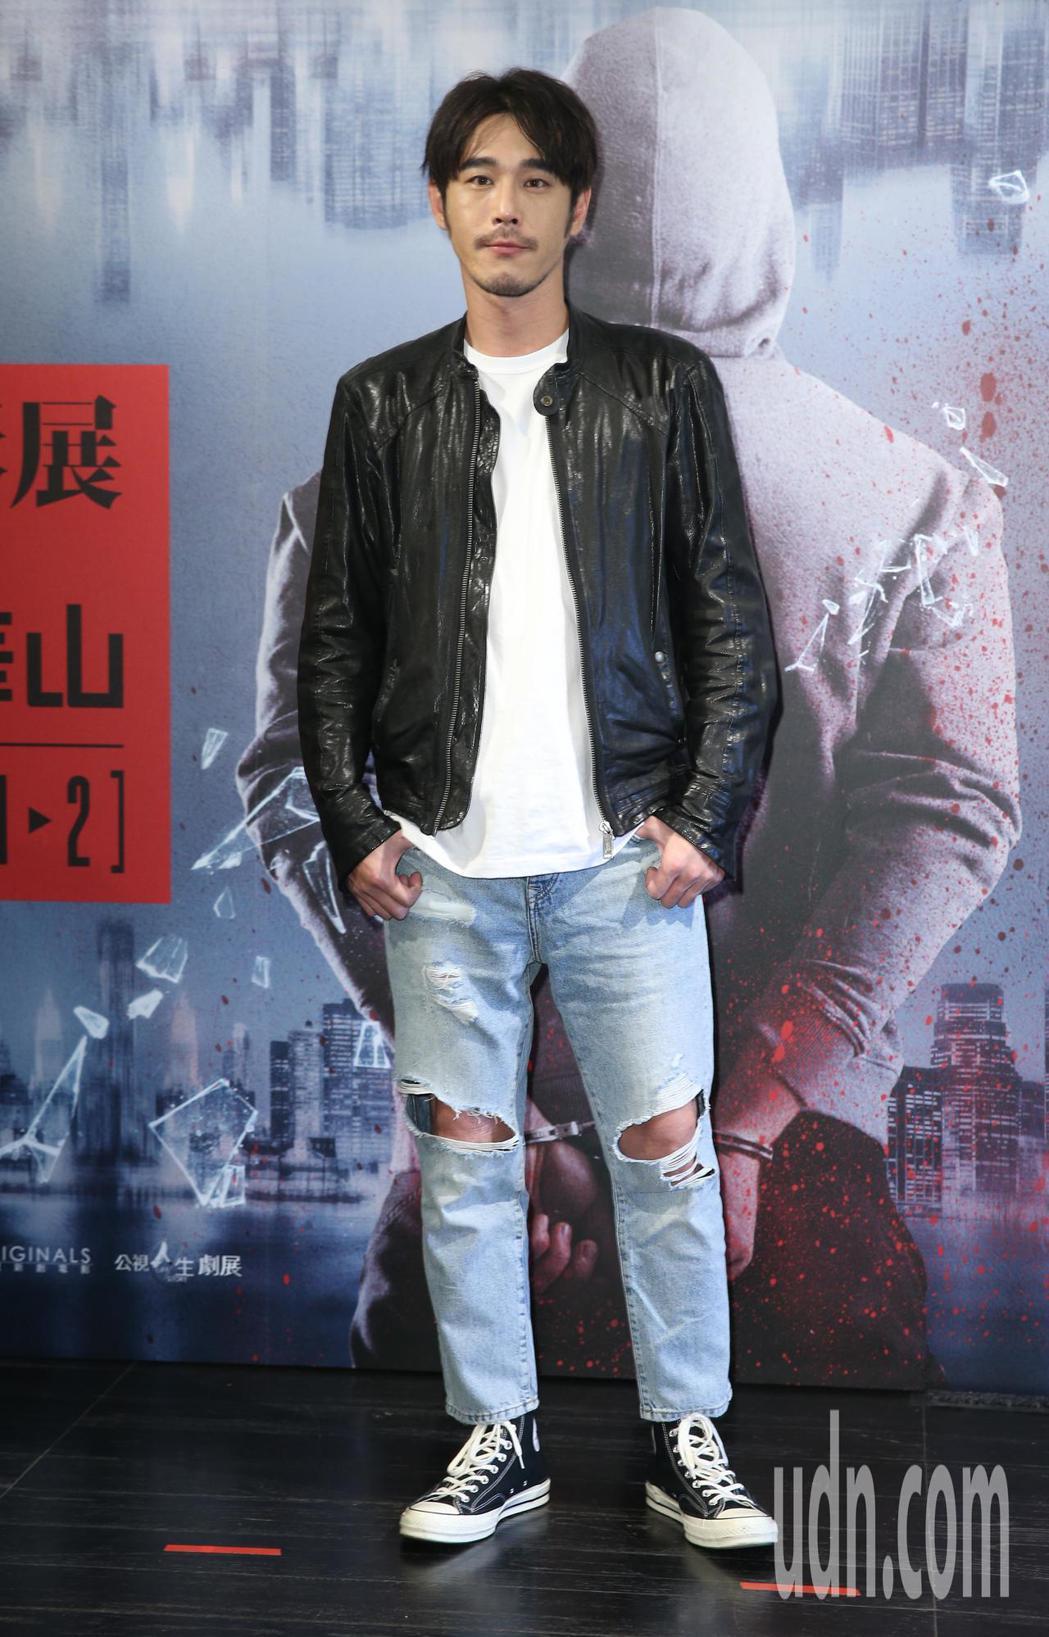 黃騰浩將在公視與光點華山共同推出影展中演出。記者陳正興/攝影